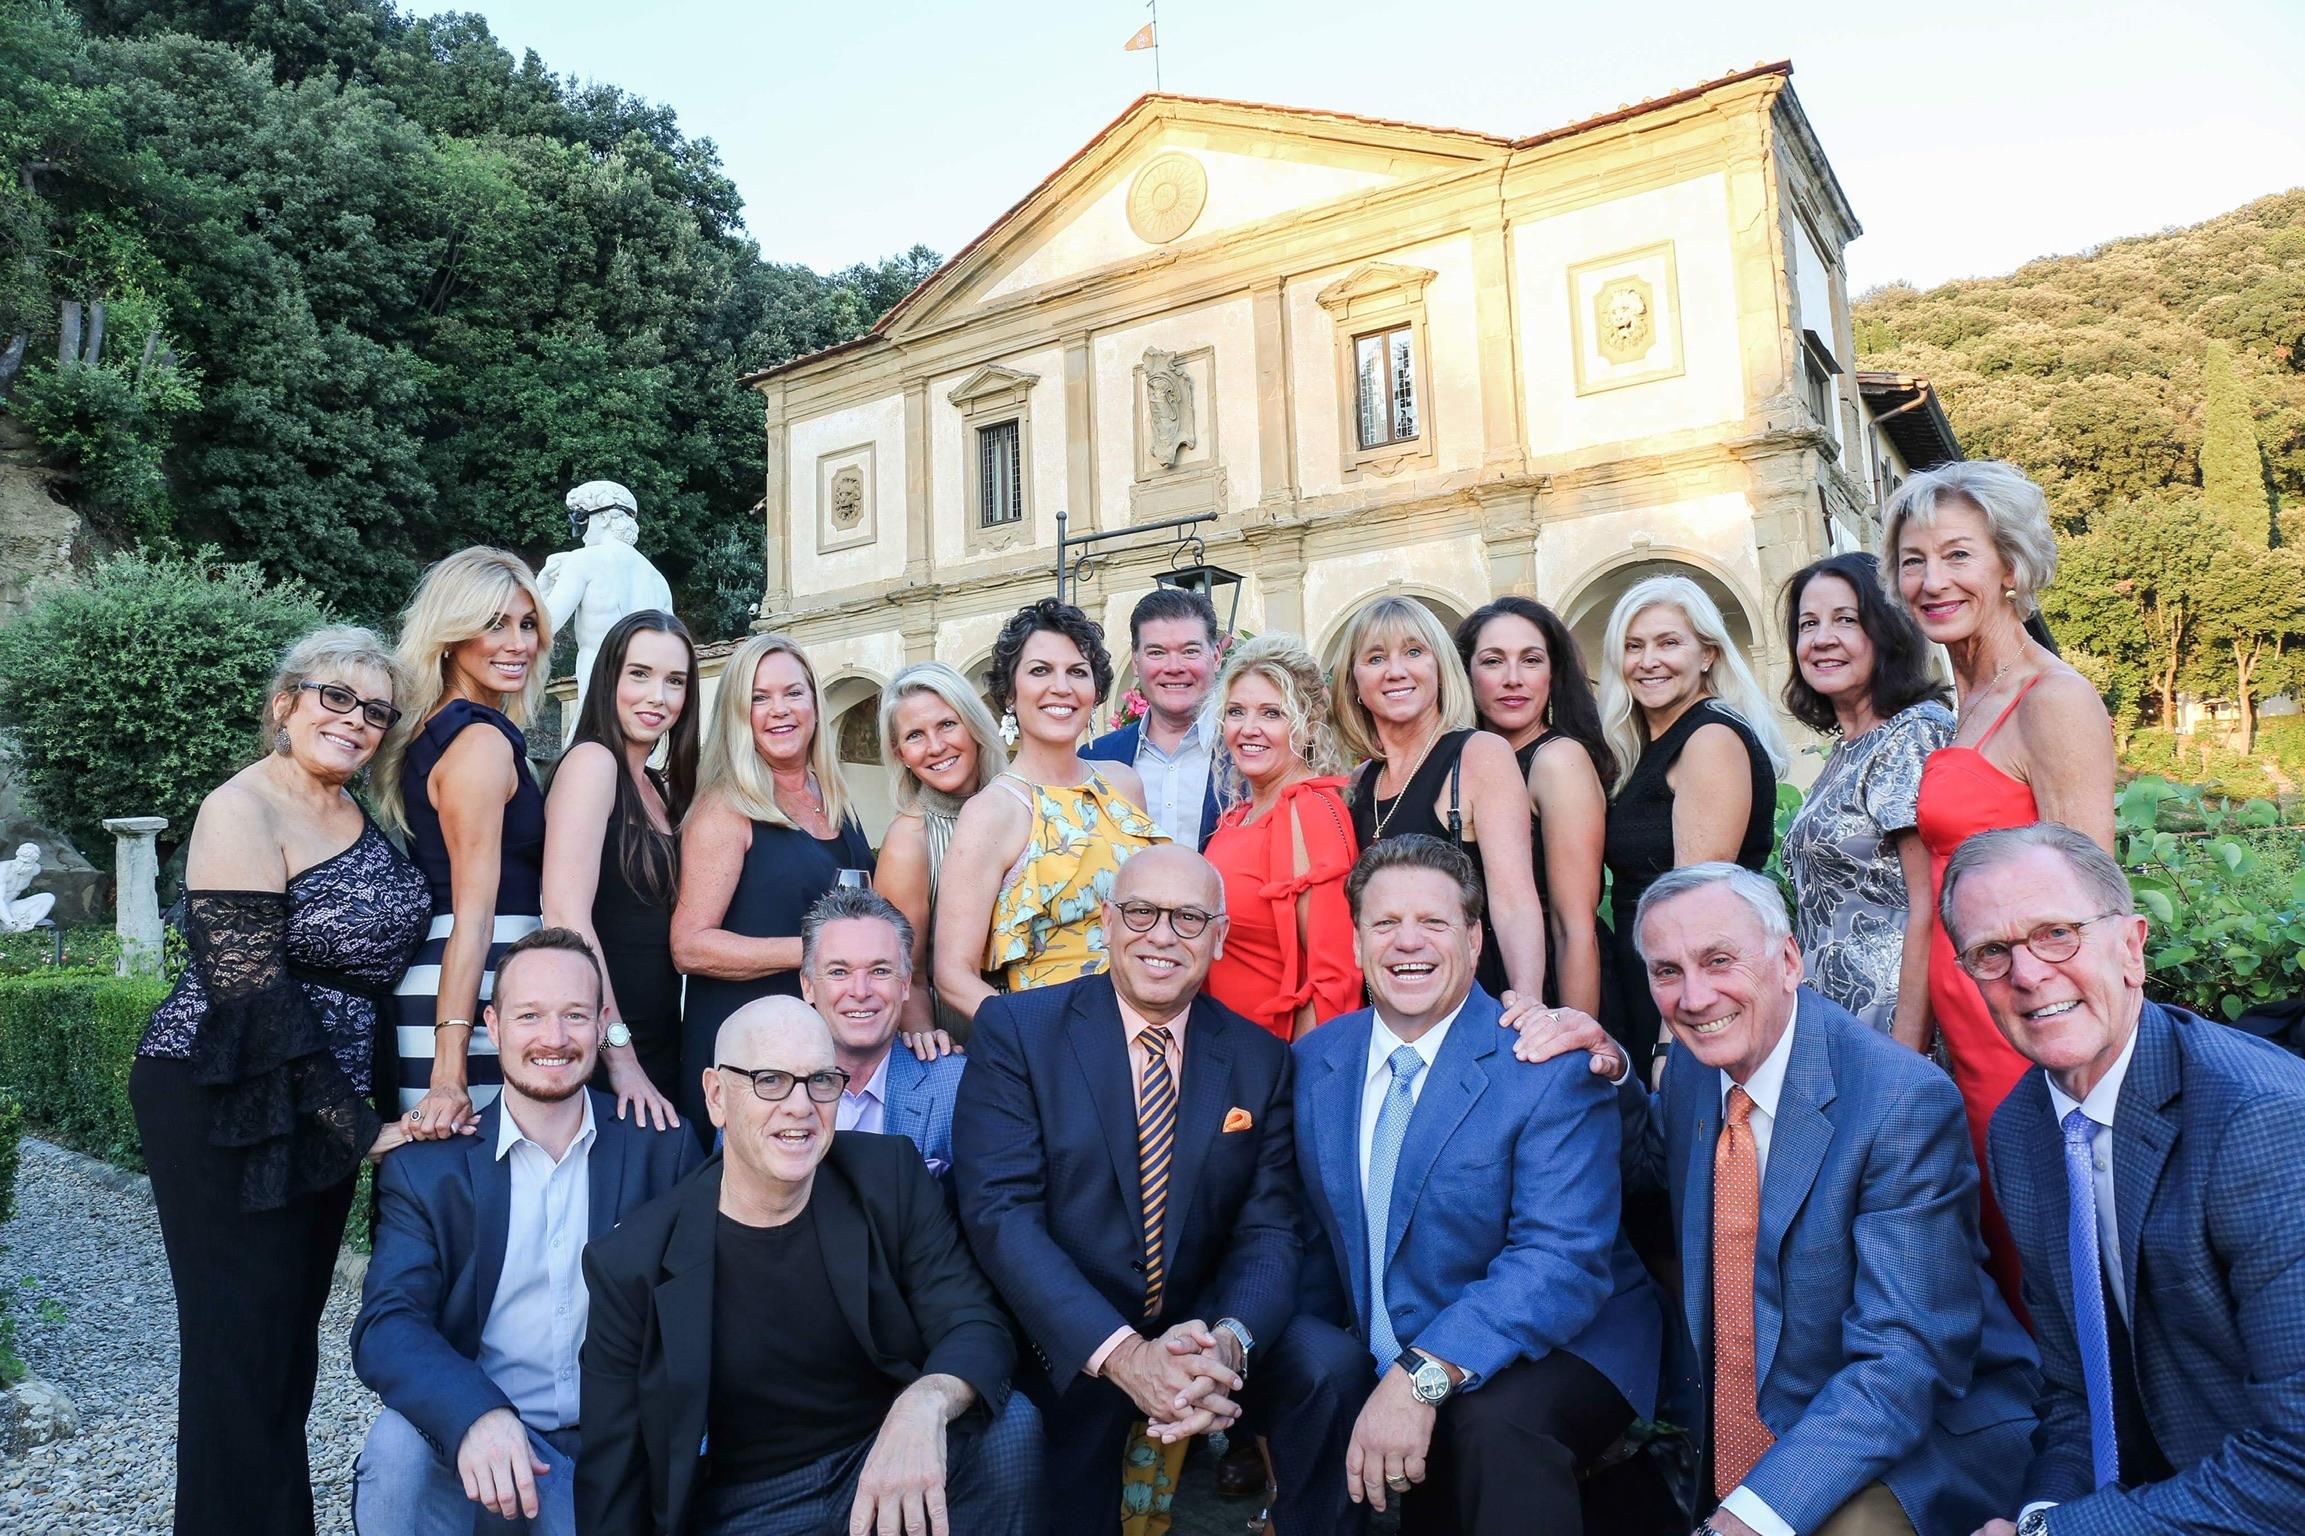 The 2018 Candelaria Design Tour Italy Crew